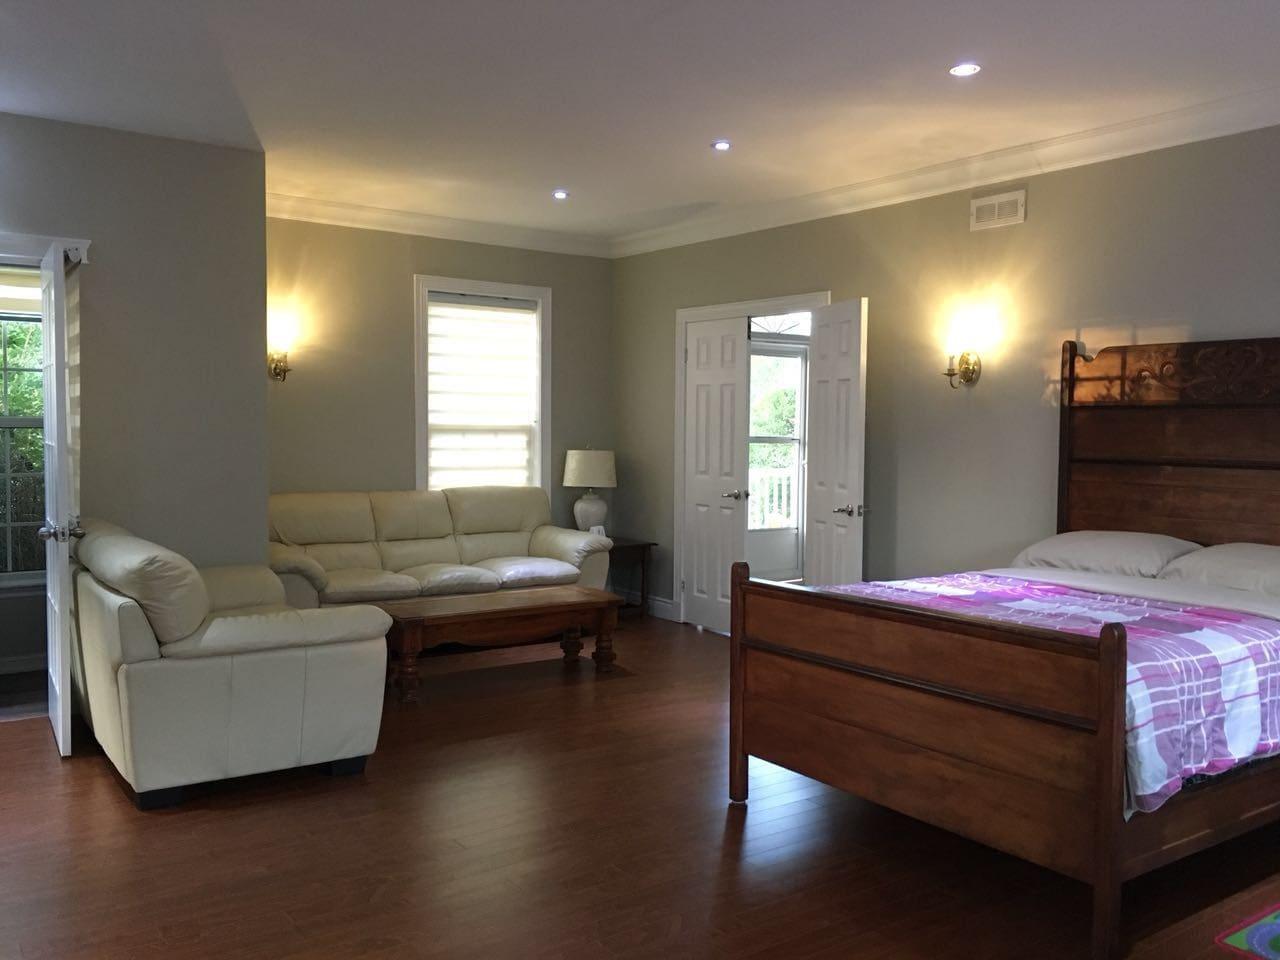 房间很大,2张双人床,2组沙发,智能电视,窗外海景